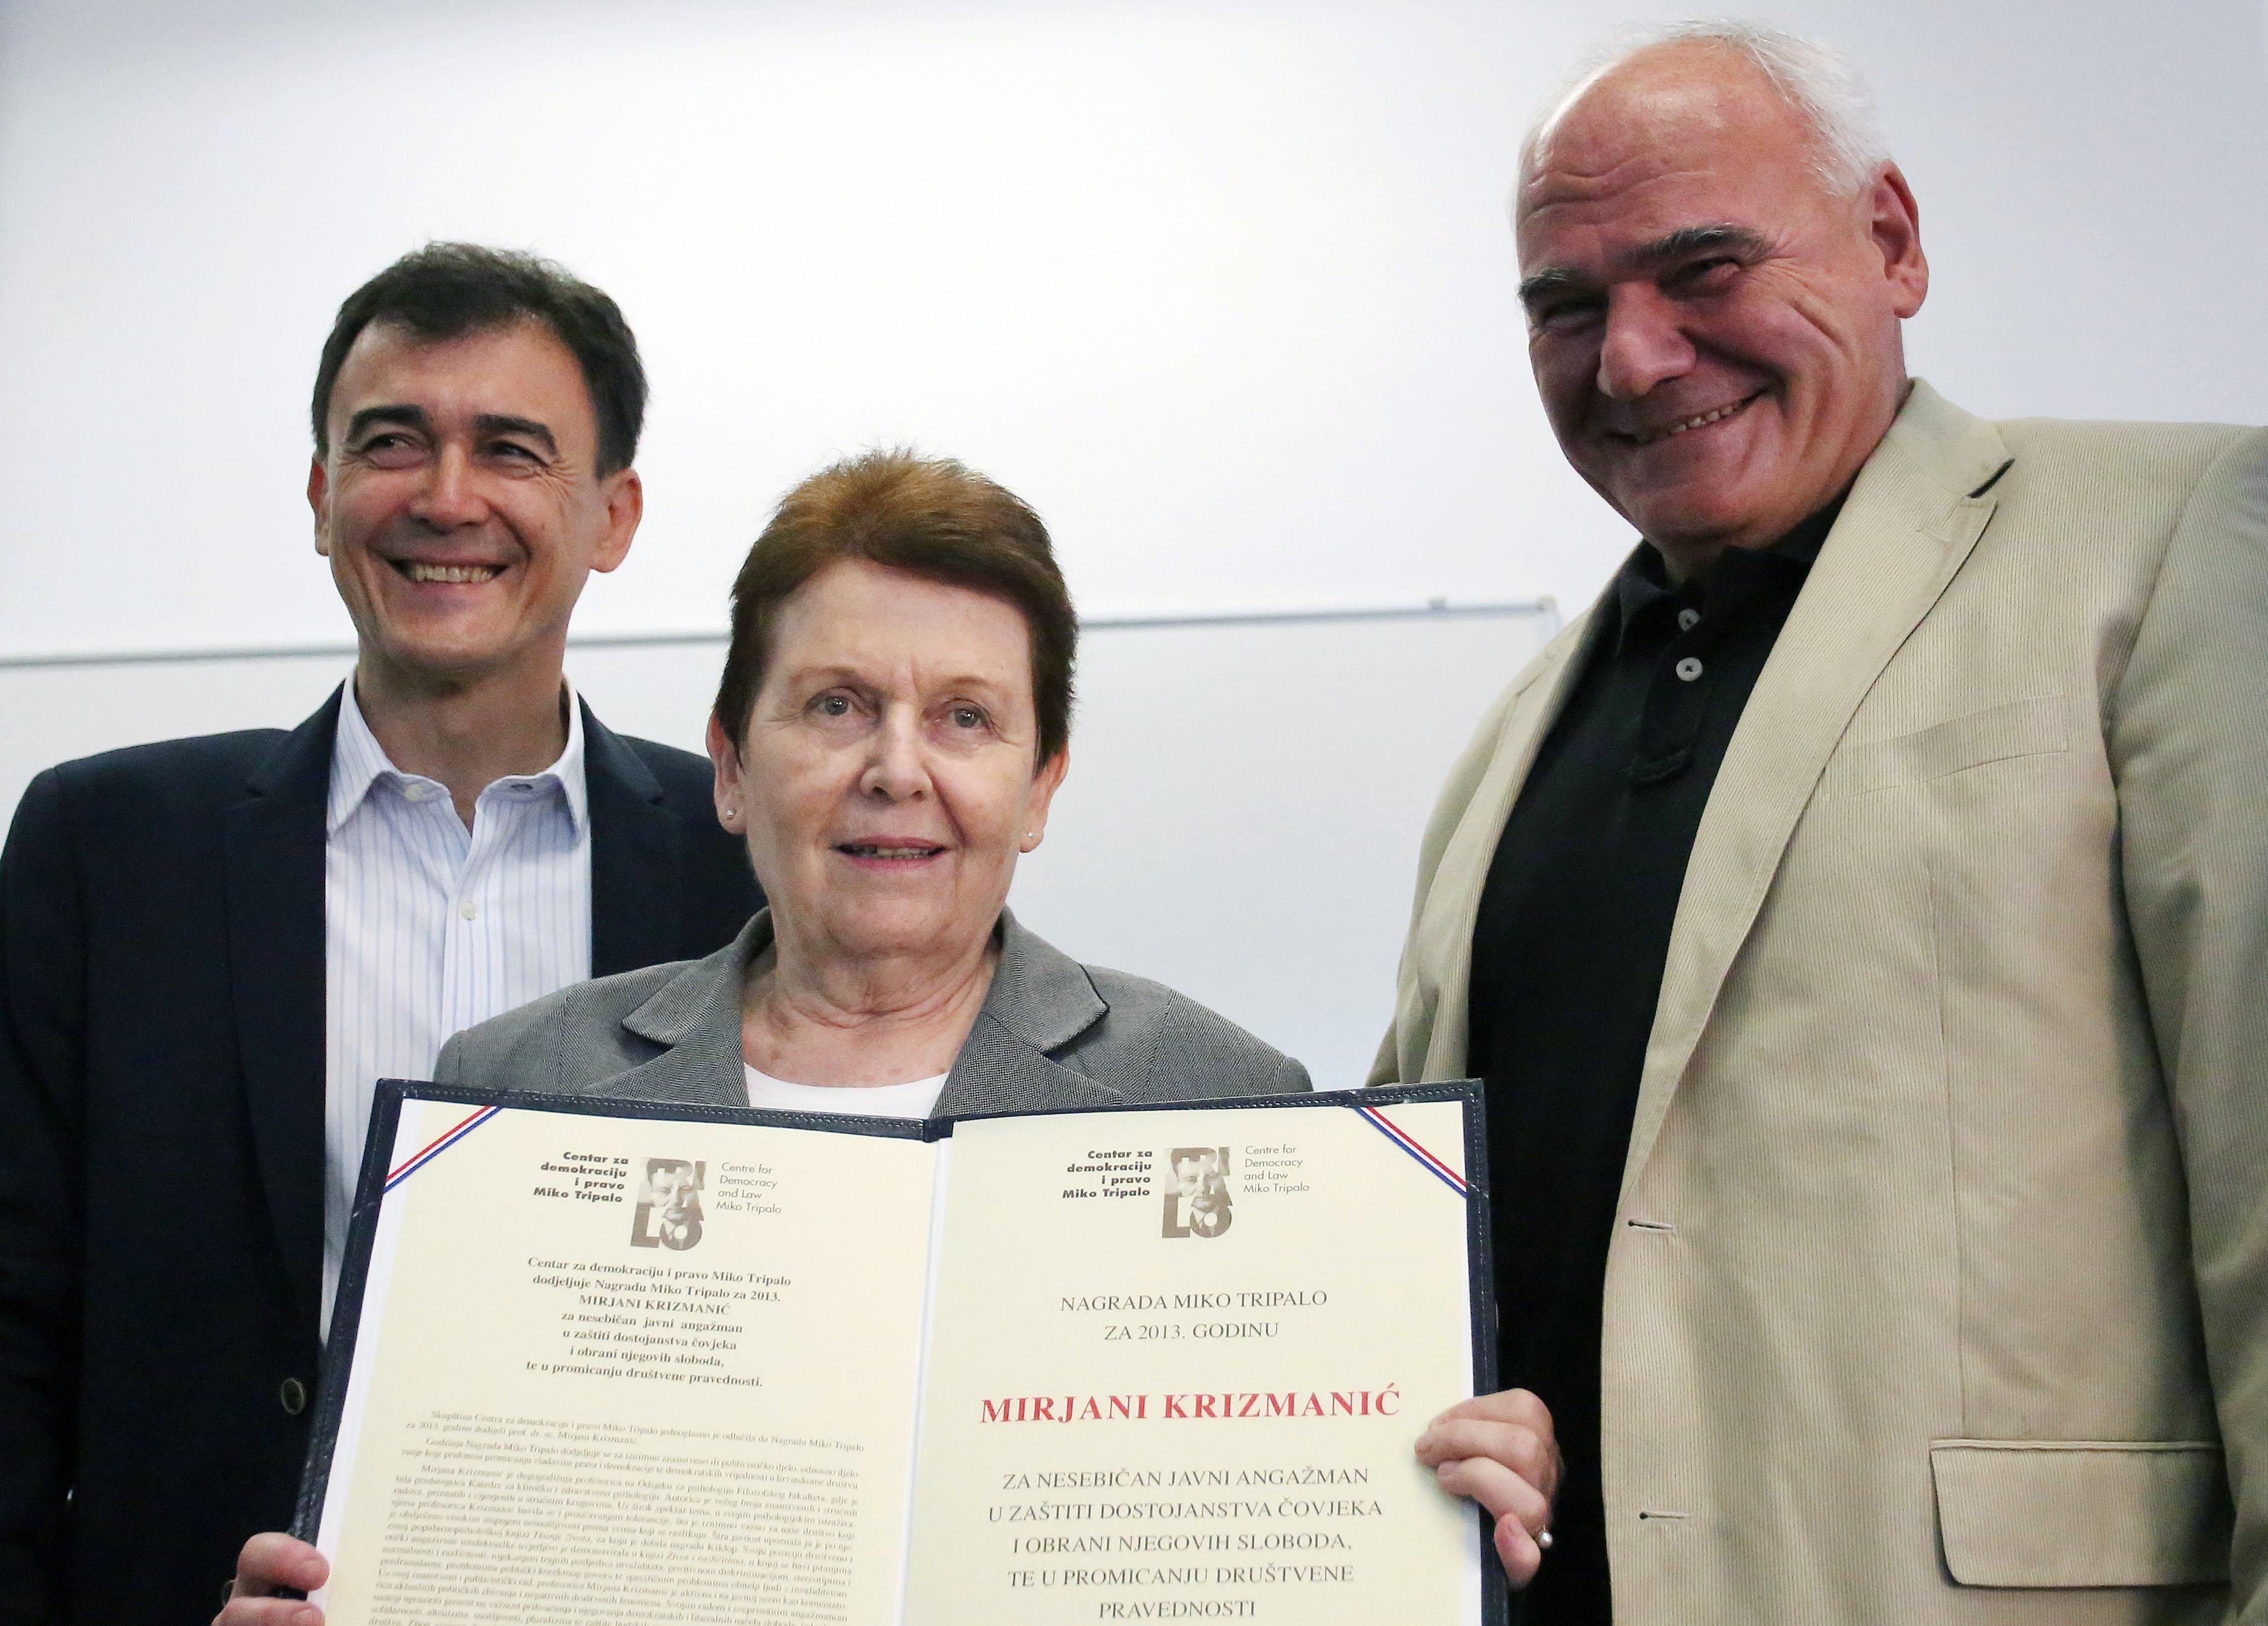 Nagrada Miko Tripalo za 2013. godinu dodijeljena Mirjani Krizmaniæ